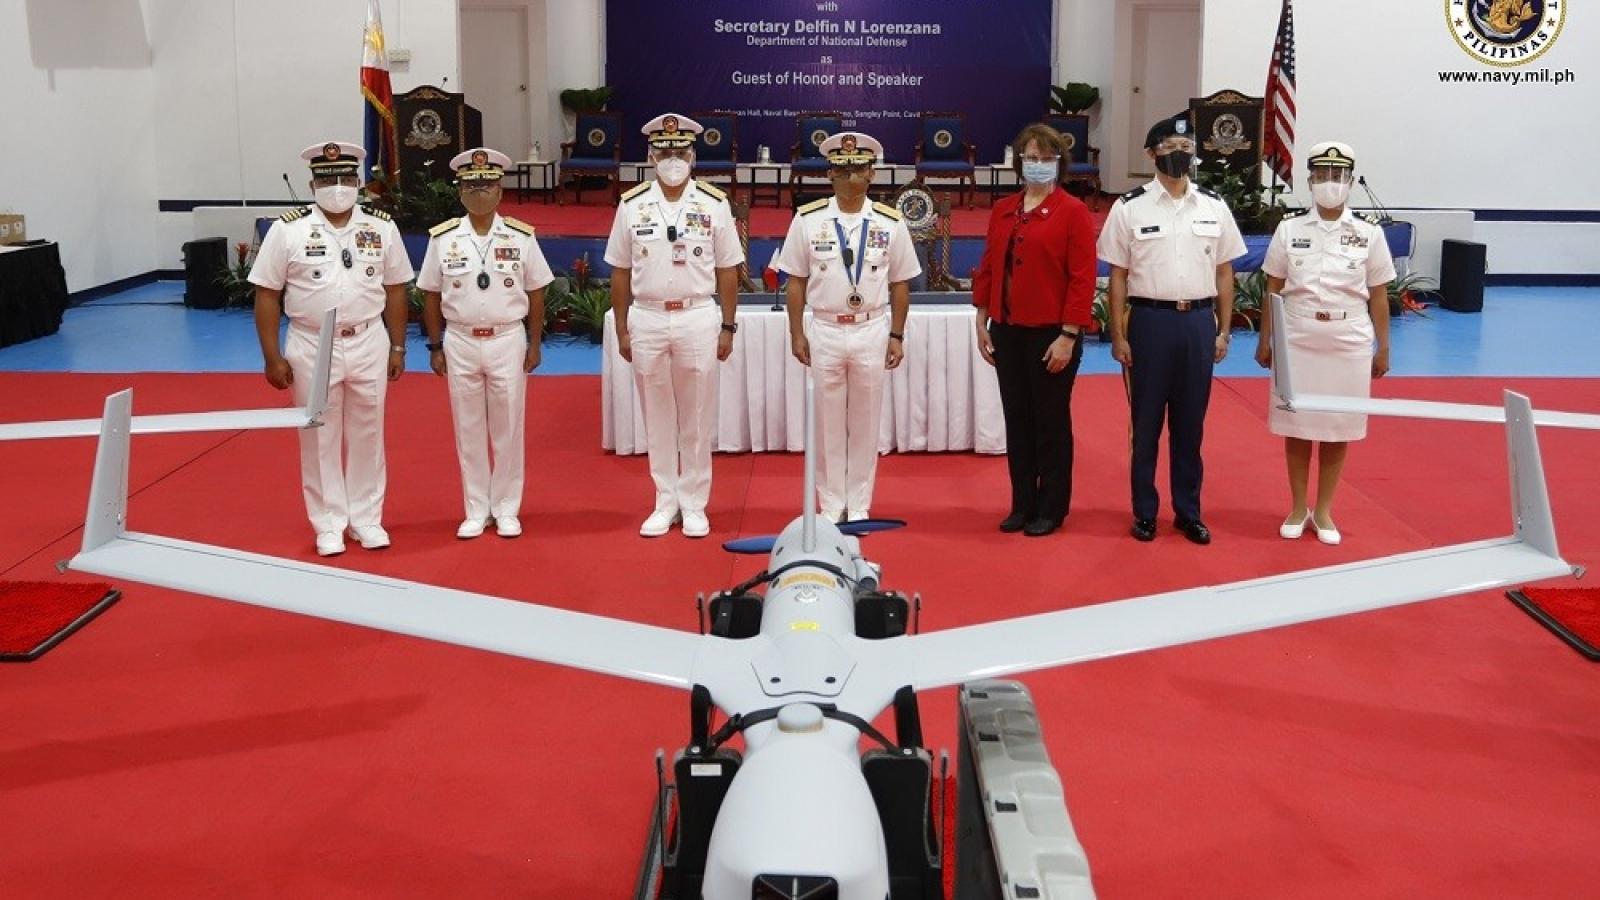 Mỹ chuyển giao hệ thống máy bay không người lái cho Hải quân Philippines